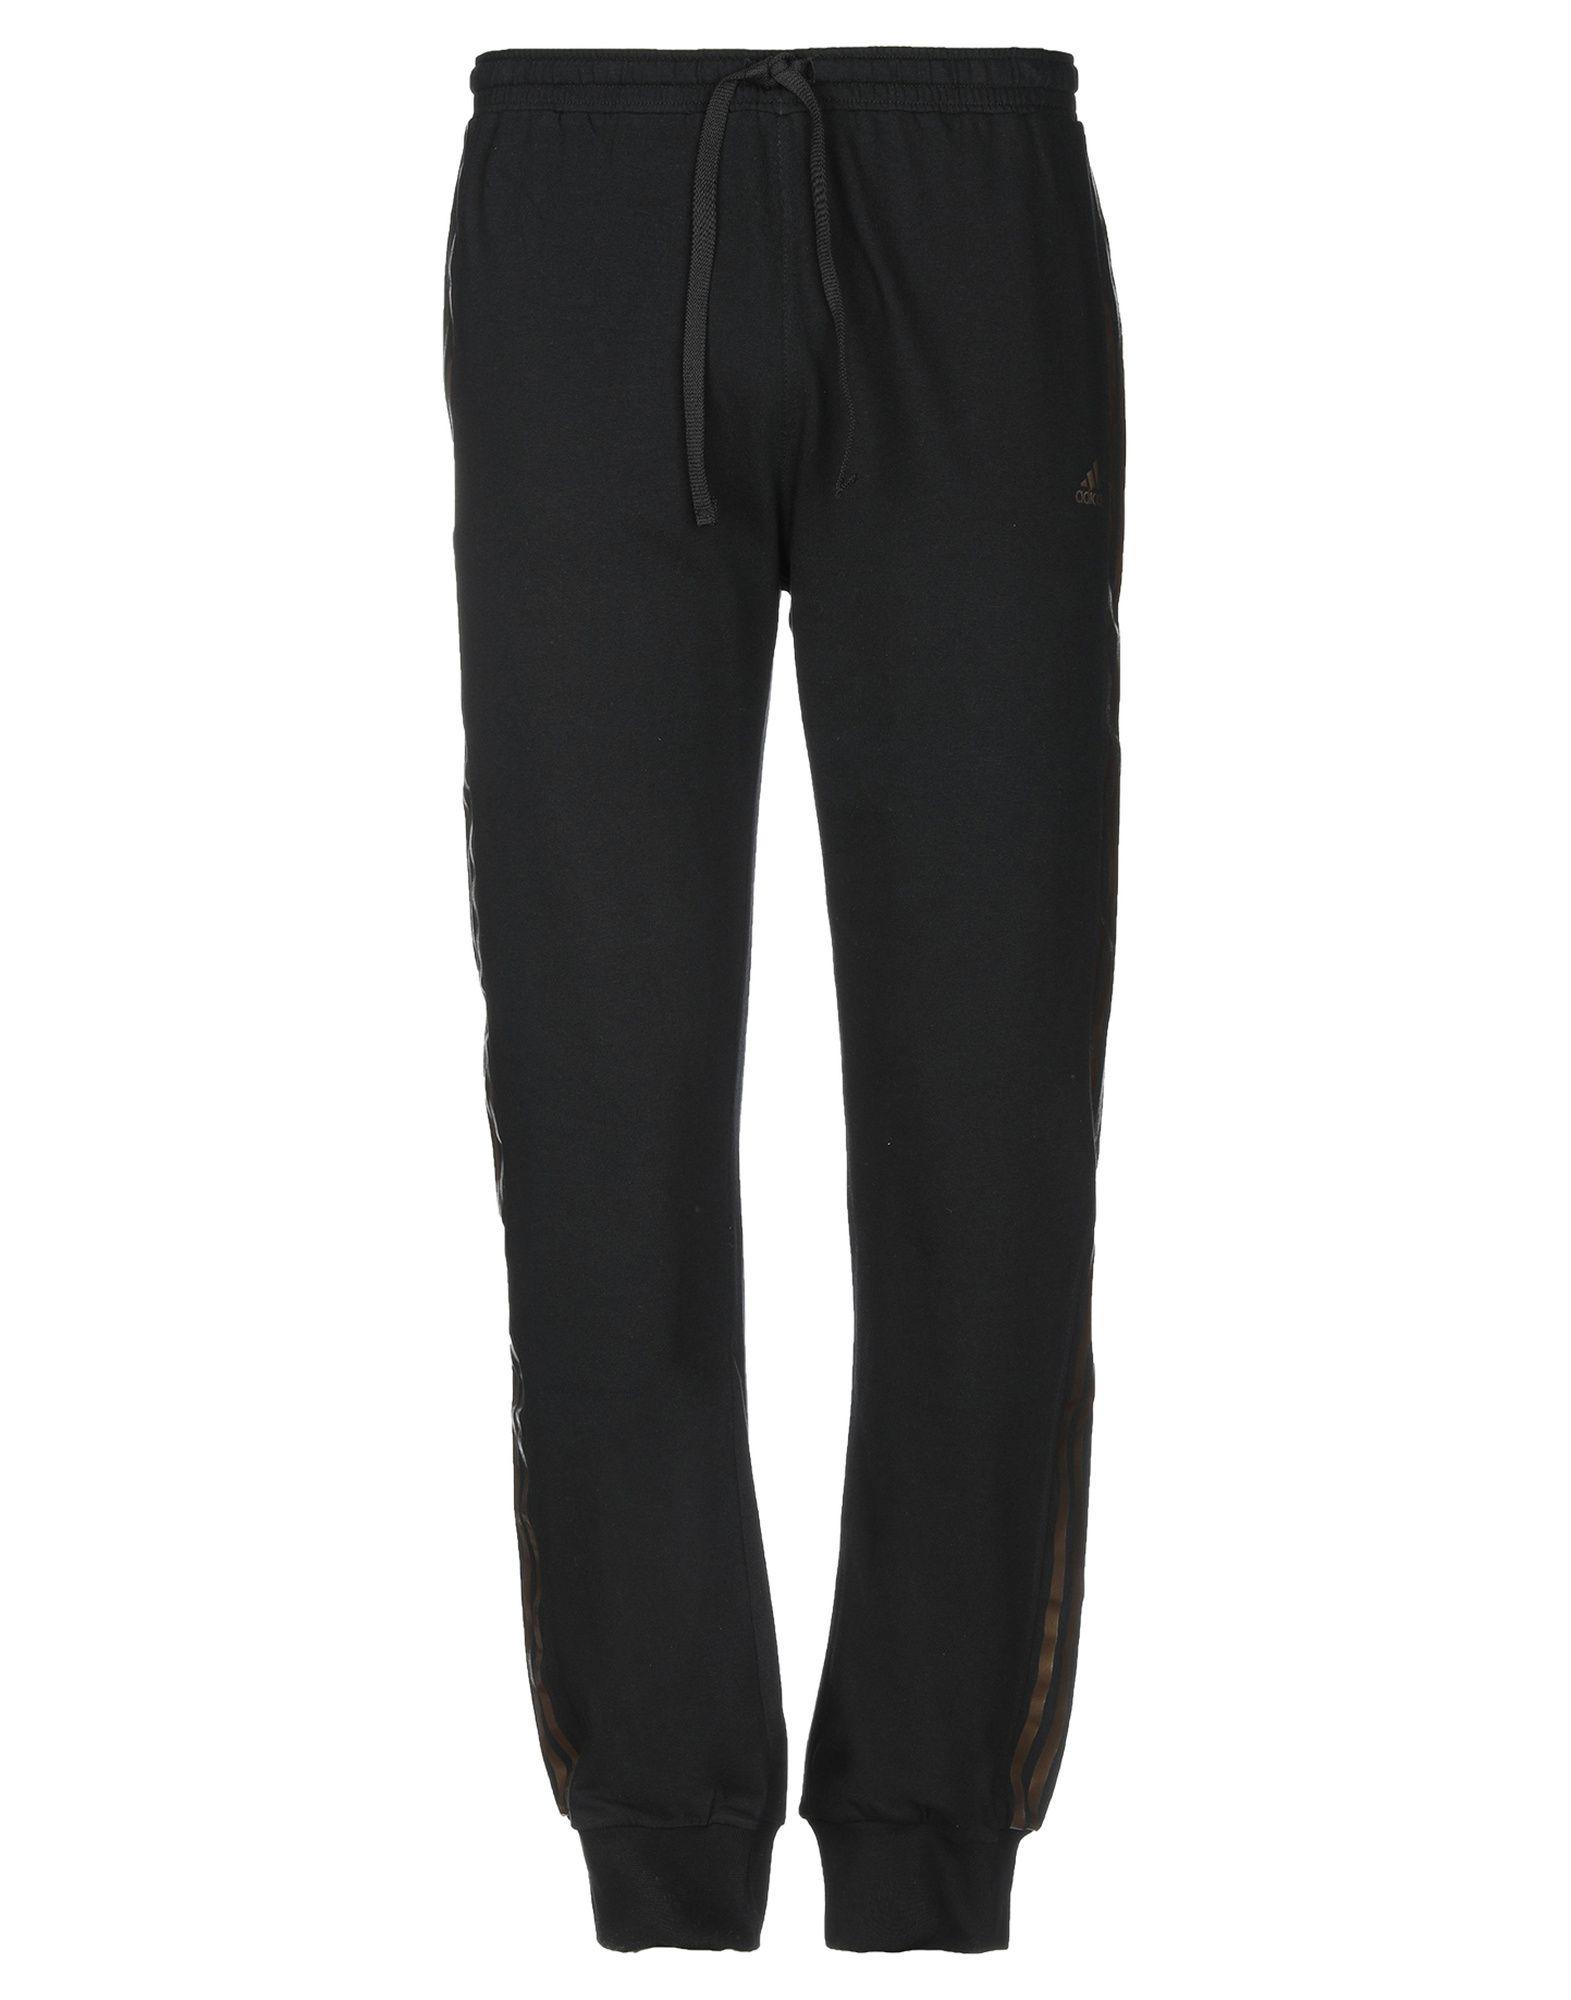 《送料無料》ADIDAS メンズ パンツ ブラック 6 コットン 100%